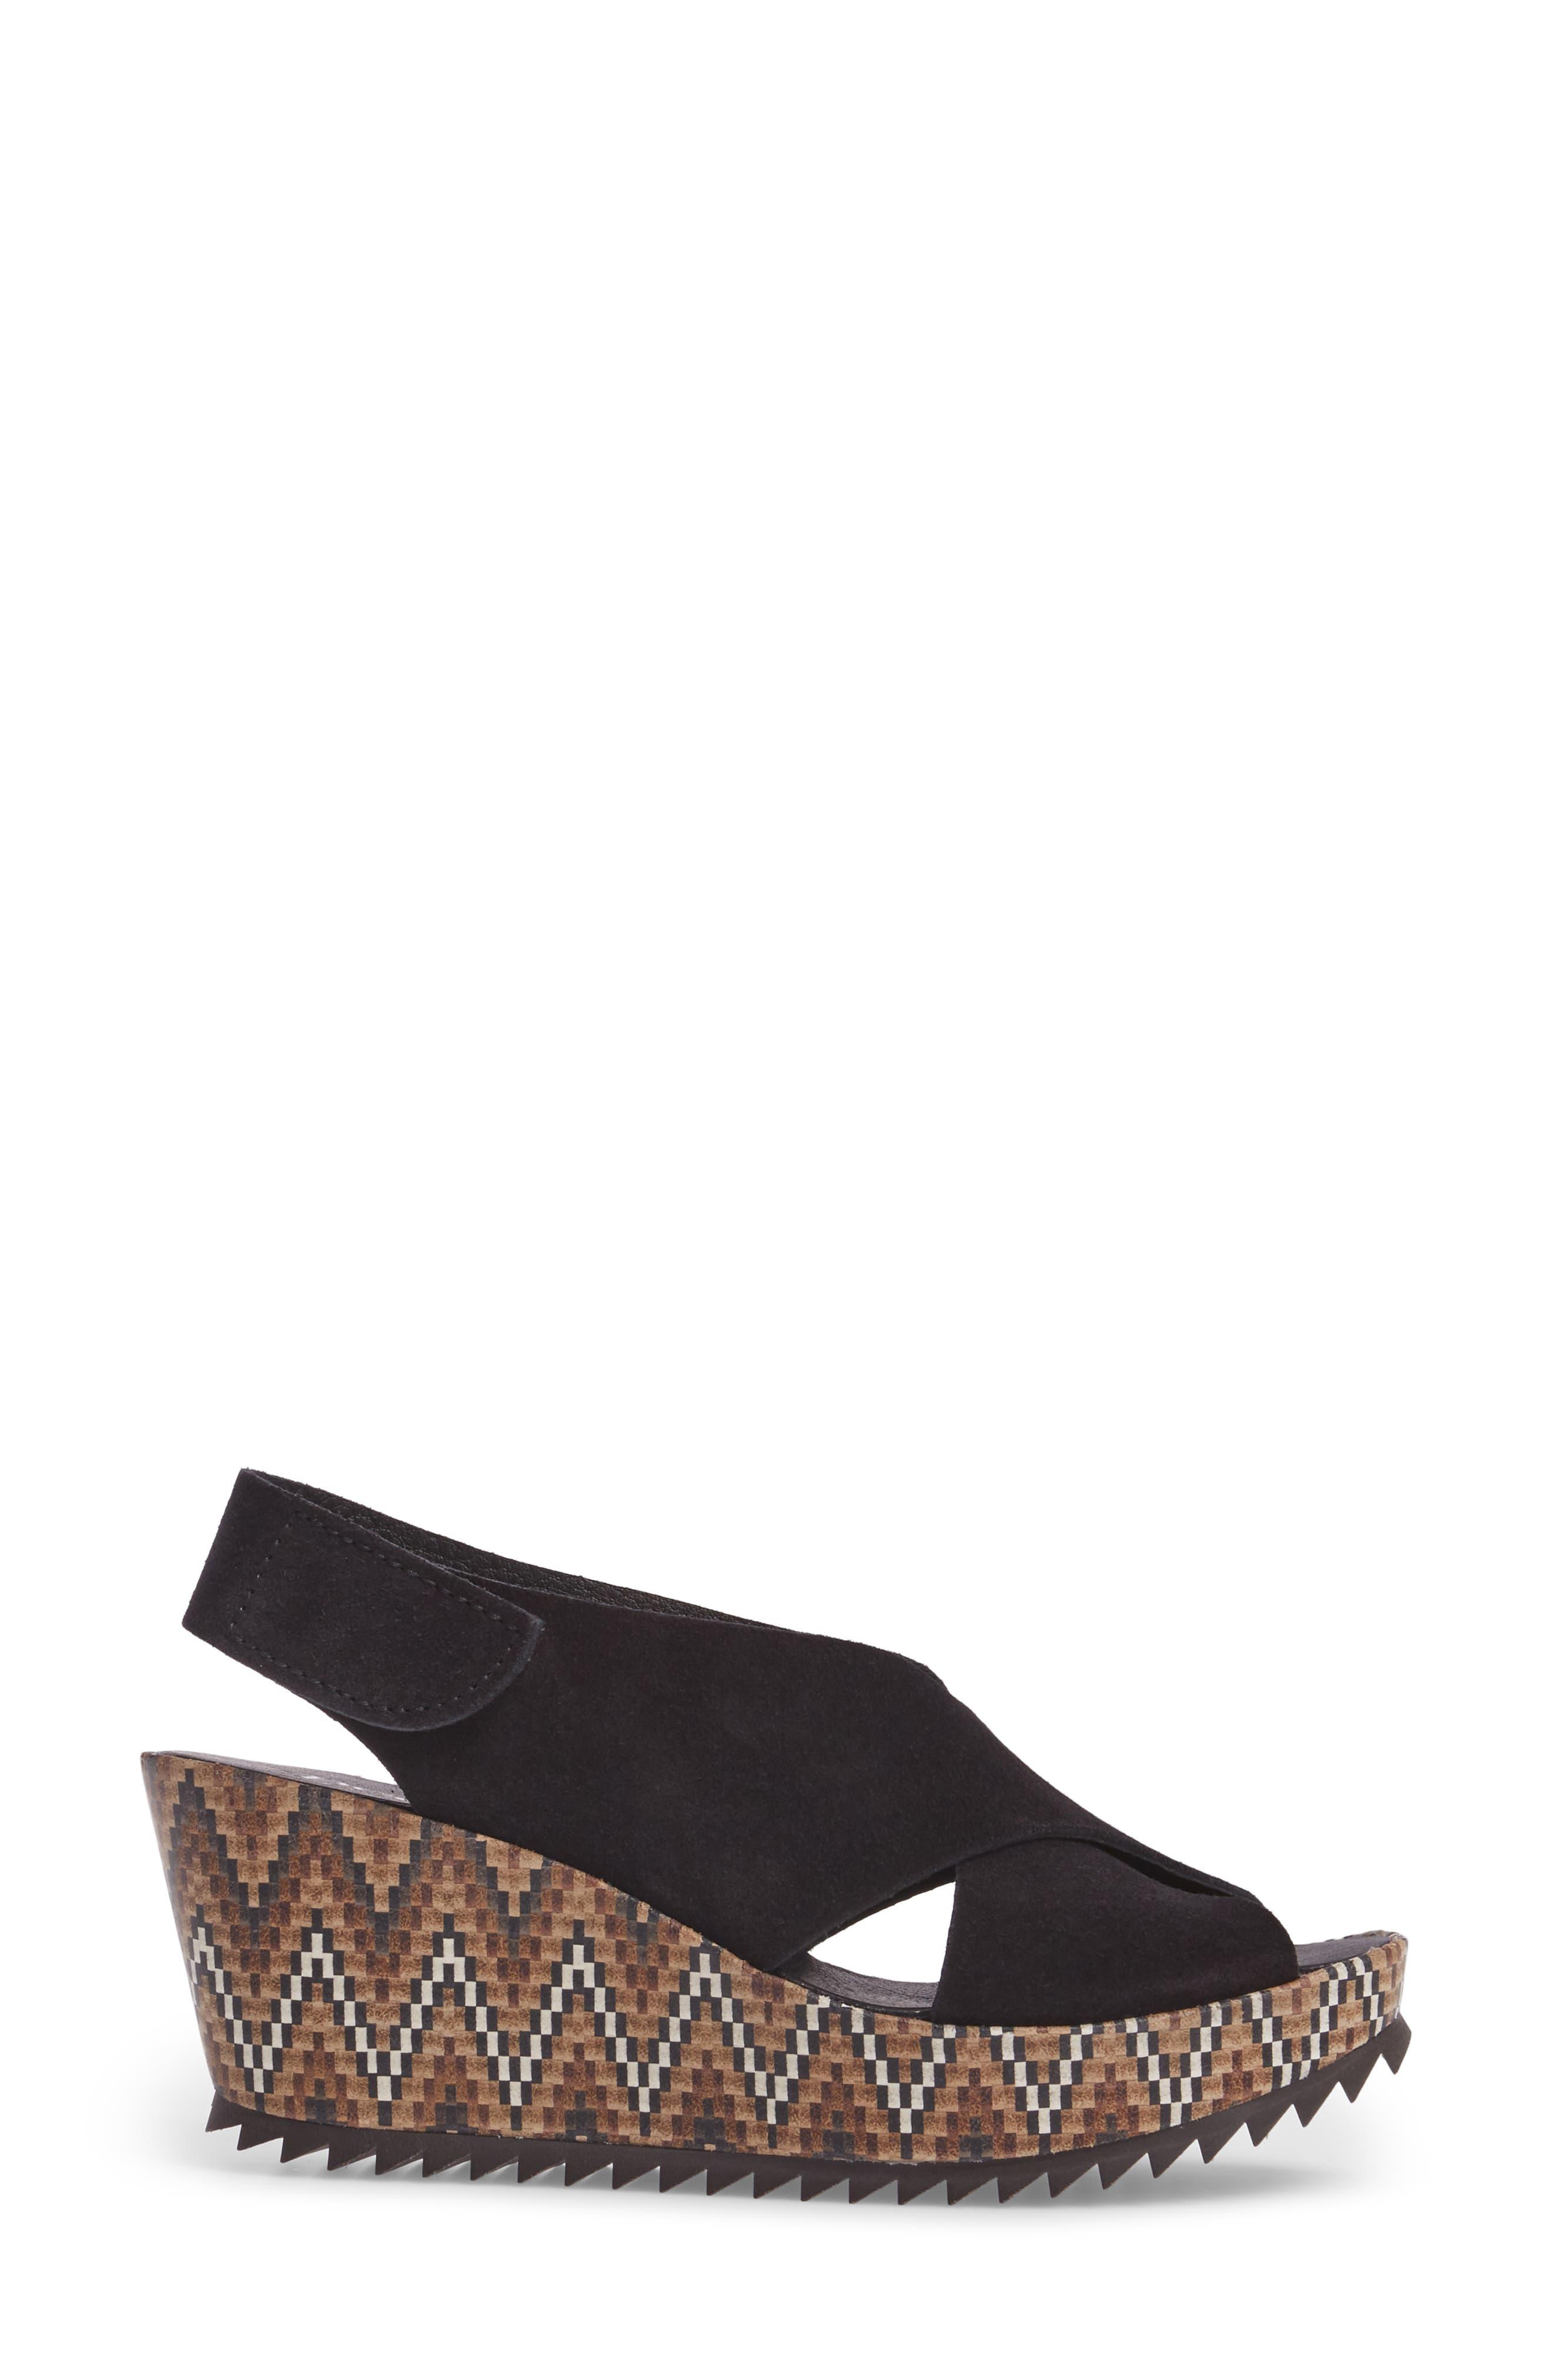 'Federica' Wedge Sandal,                             Alternate thumbnail 3, color,                             Black Castoro